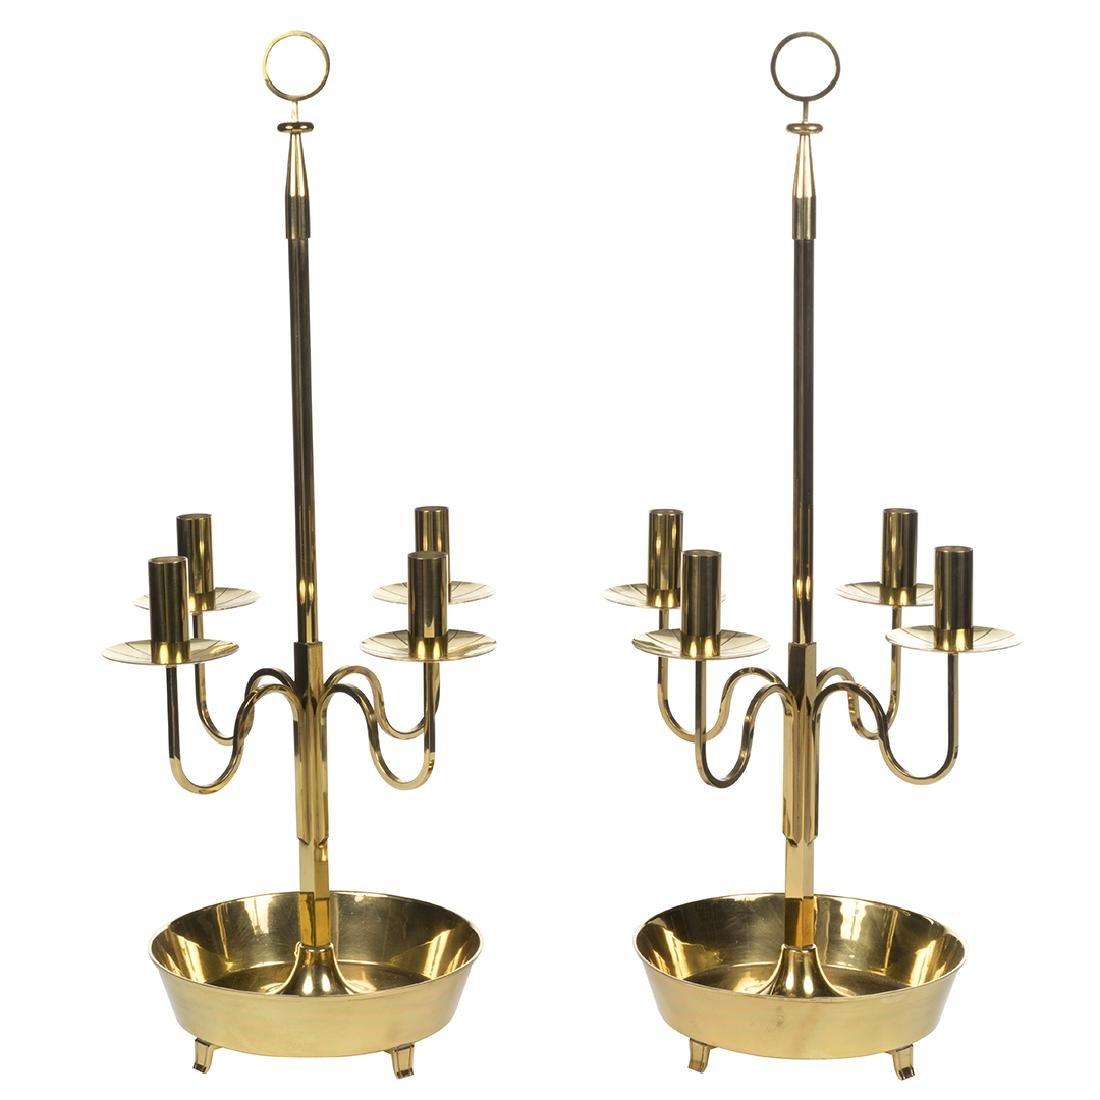 Tommi Parzinger Brass Candelabras (2)